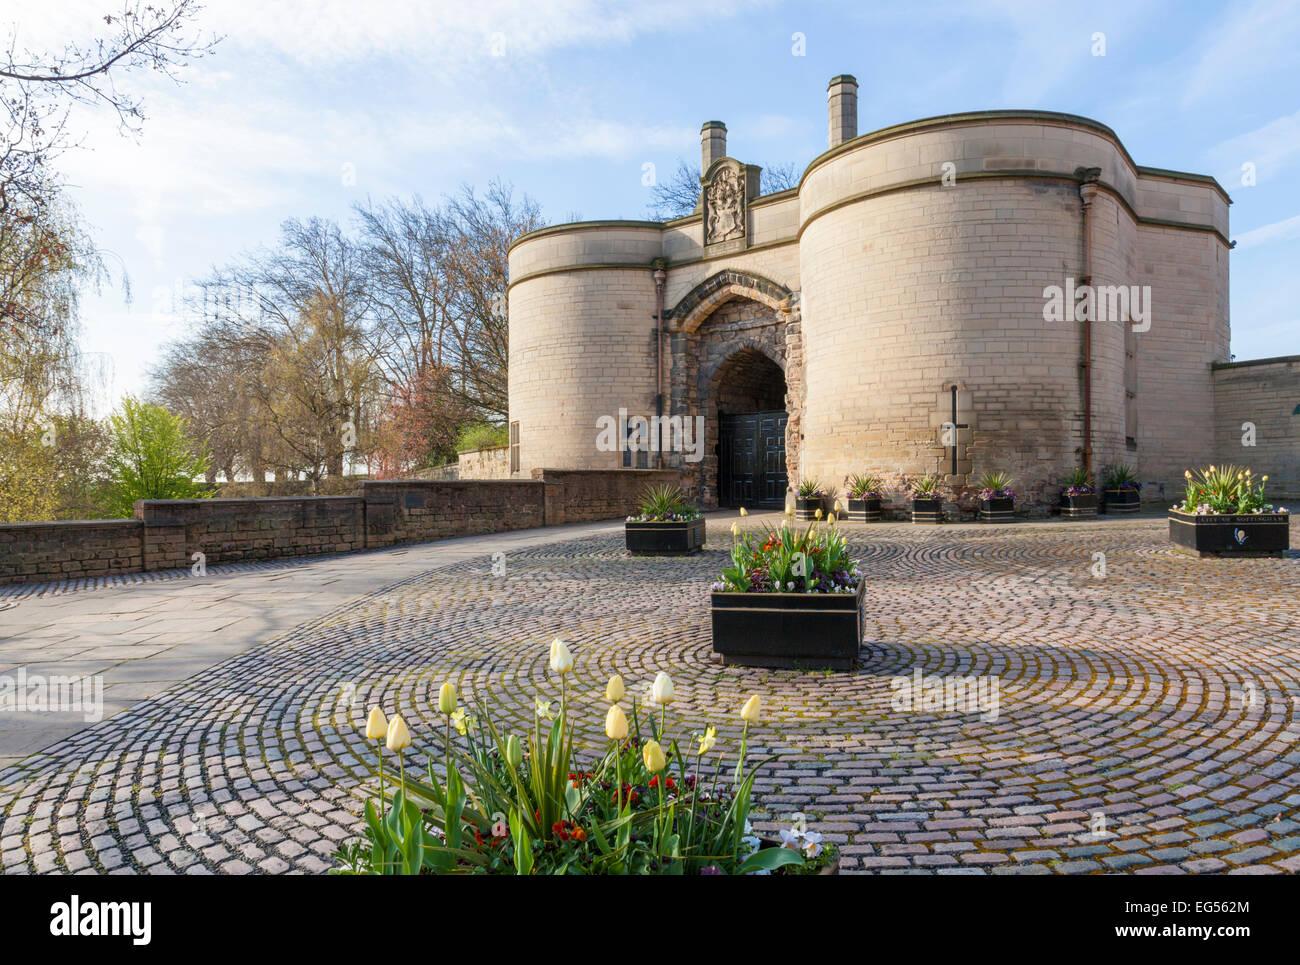 The Gate House and entrance to Nottingham Castle, Nottingham, England, UK - Stock Image